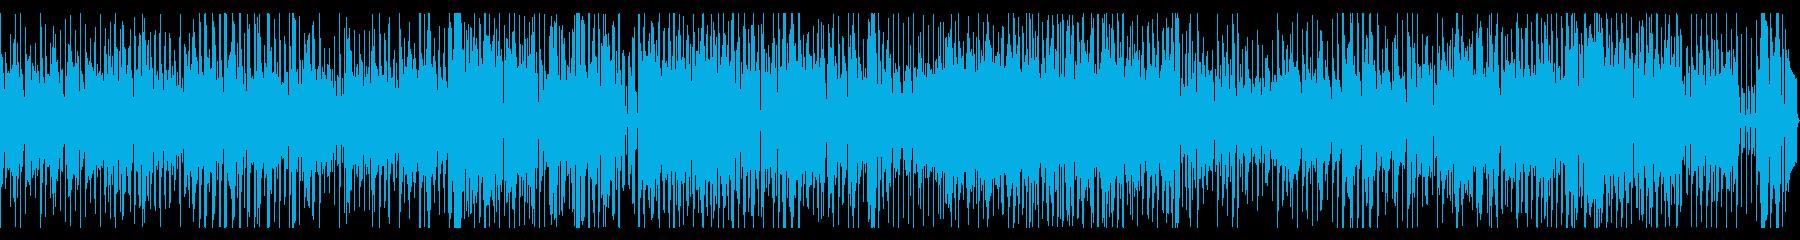 アダルトなインストジャズピアノバンドの再生済みの波形